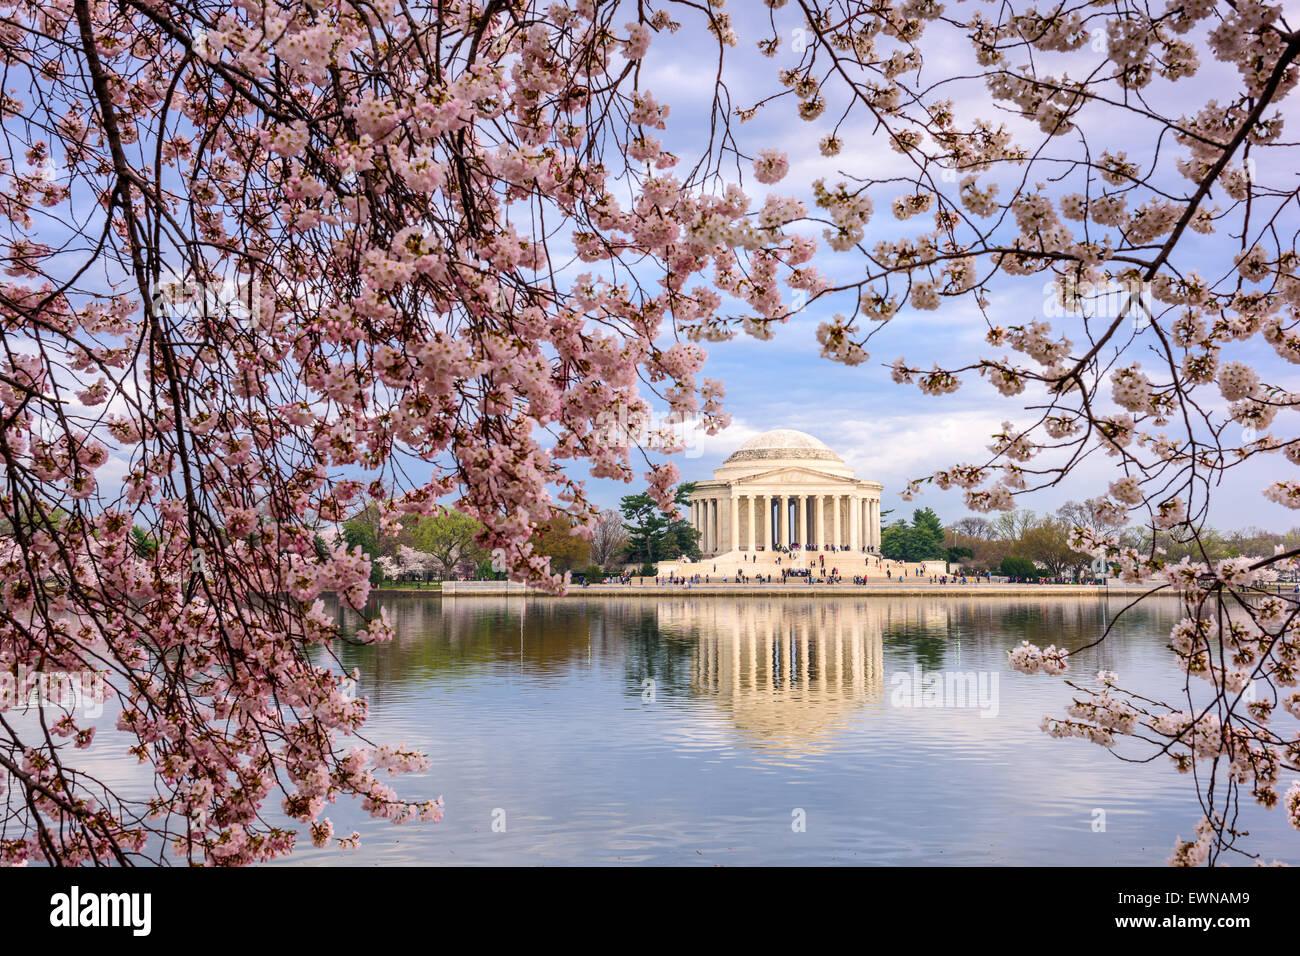 Washington, DC au Tidal Basin et Jefferson Memorial au printemps. Photo Stock